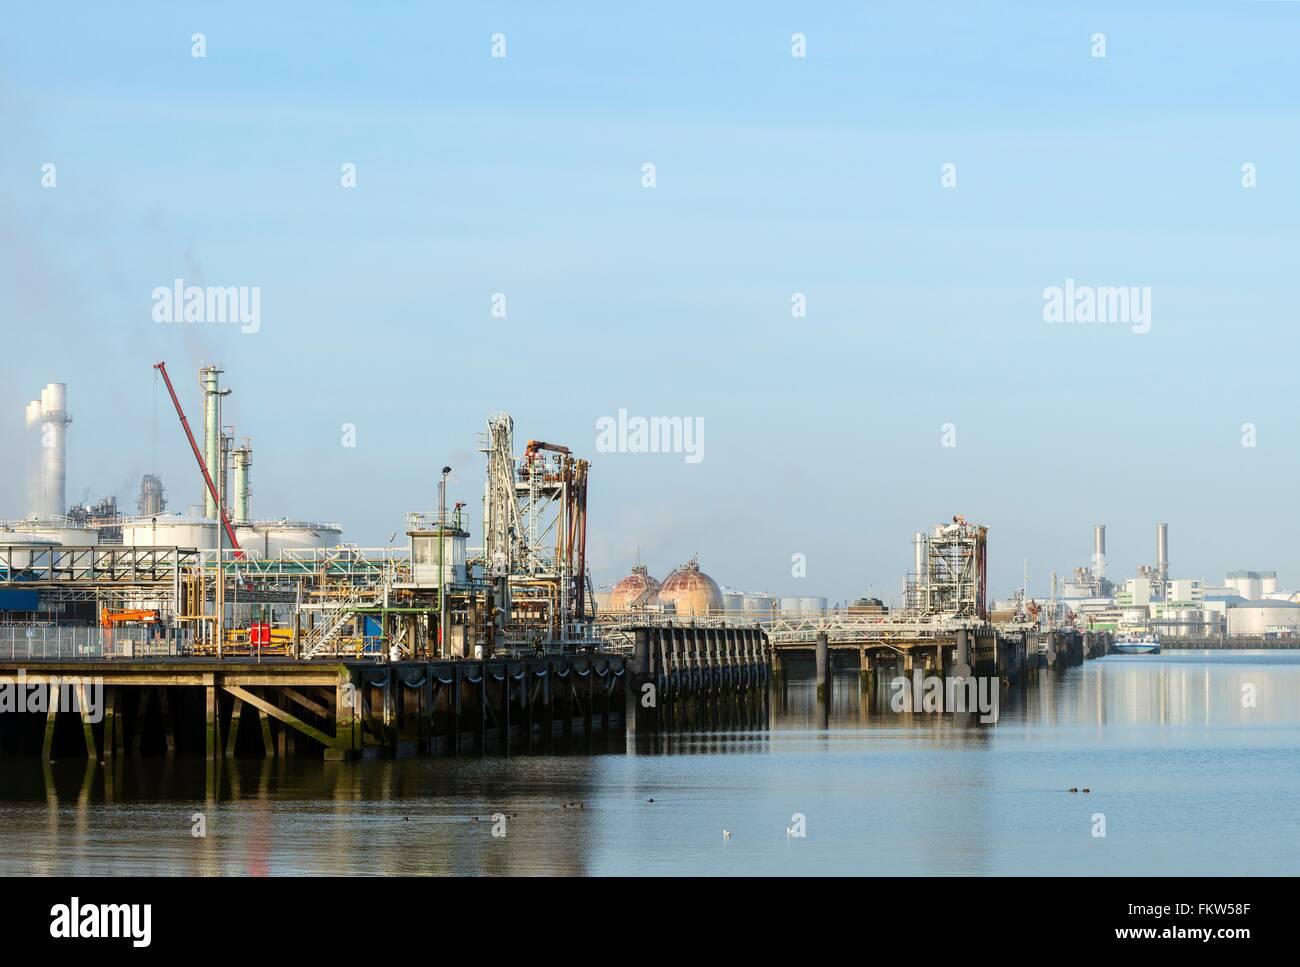 Port avec la borne d'huile à la raffinerie, Rotterdam, Zuid-Holland, Pays-Bas Banque D'Images